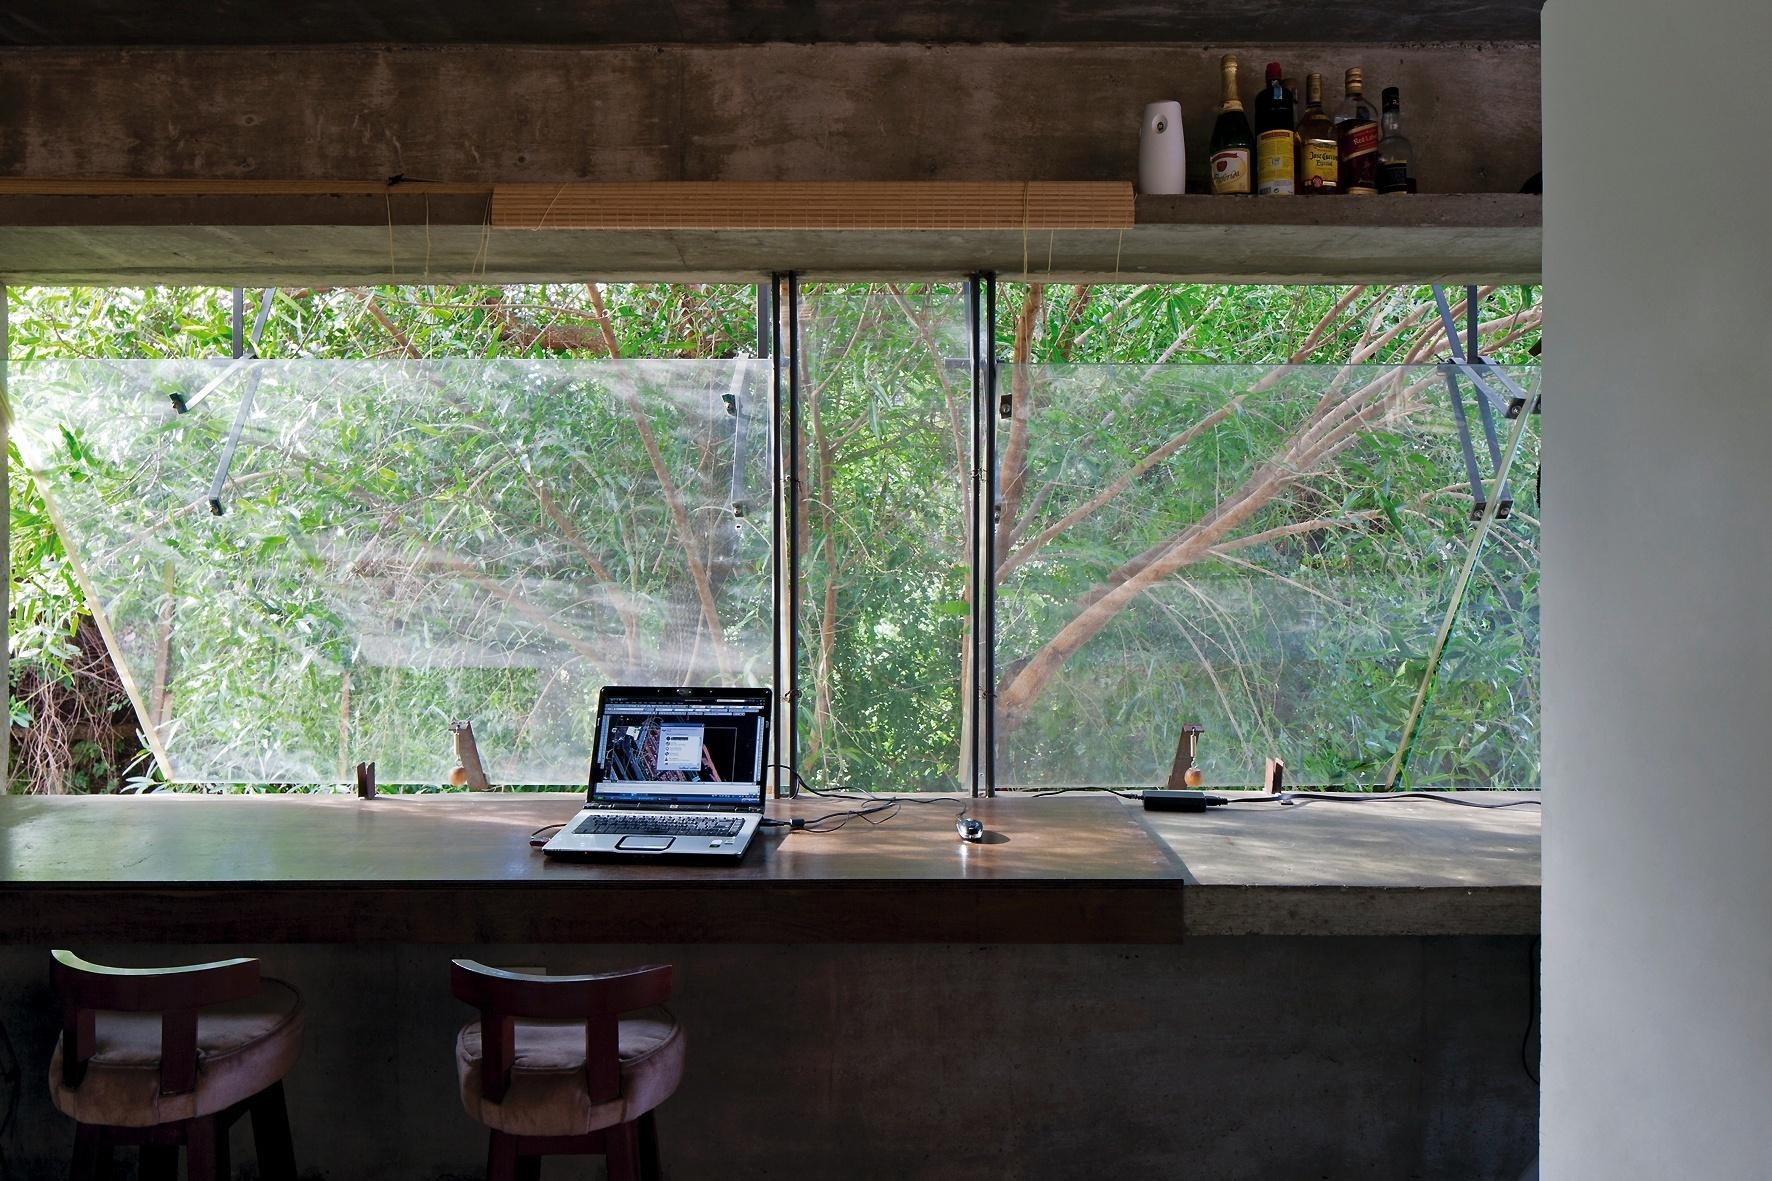 Na face norte, o volume principal da House in the Air se abre para a vegetação. As vigas de apoio acompanham todo o vão, como prateleira (acima) ou grande bancada (abaixo), ambas com 16 m de comprimento. A inferior serve para café da manhã, apoio de cozinha ou mesa de trabalho e estudos, pois é um elemento comum a todos os ambientes. O sistema máximo-ar para janelas é inspirado no modelo empregado por Paulo Mendes da Rocha. A casa tem projeto de arquitetura da TDA e fica no Paraguai